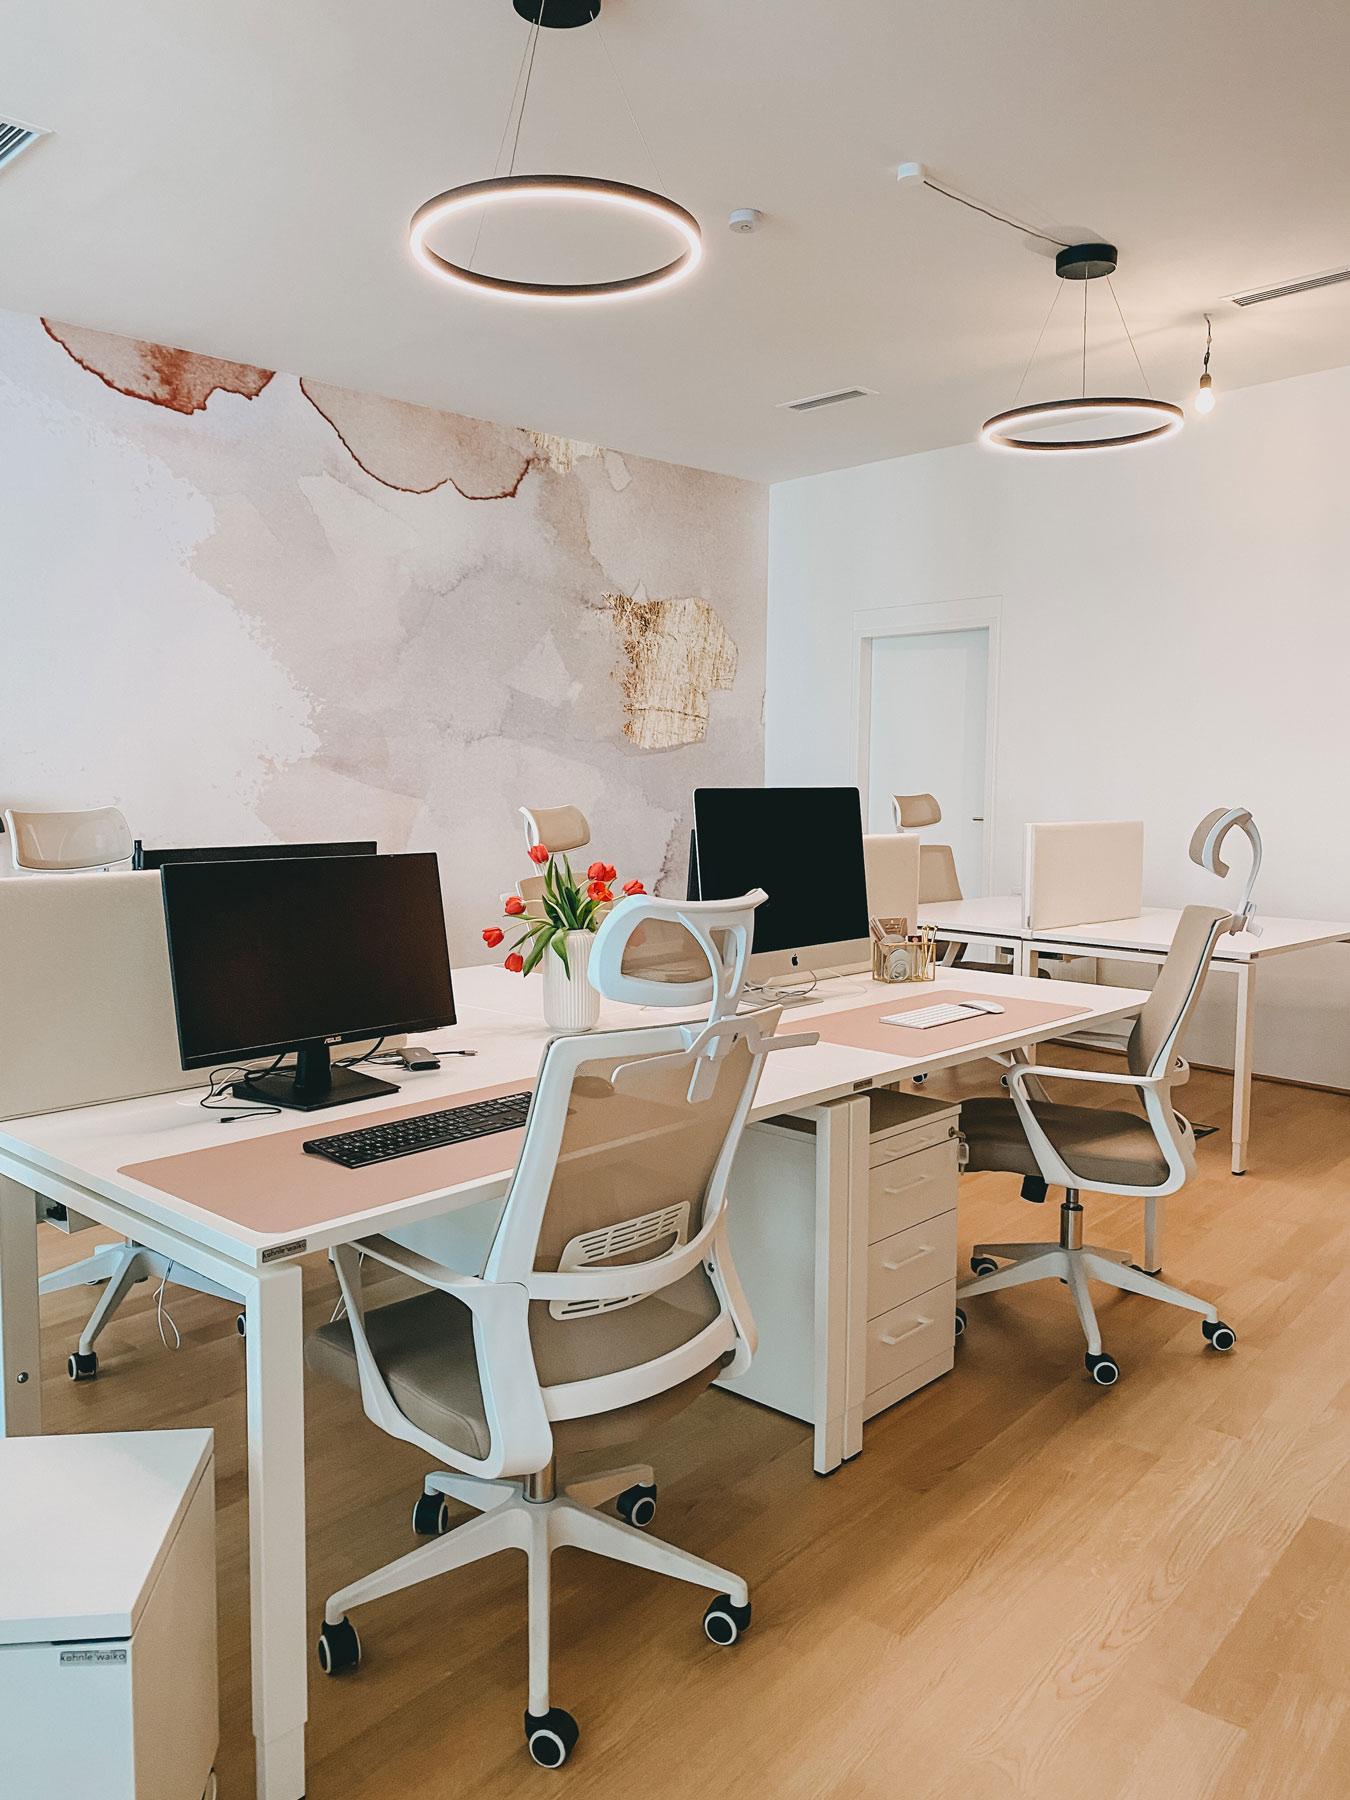 feschi crew office by kühnle'waiko